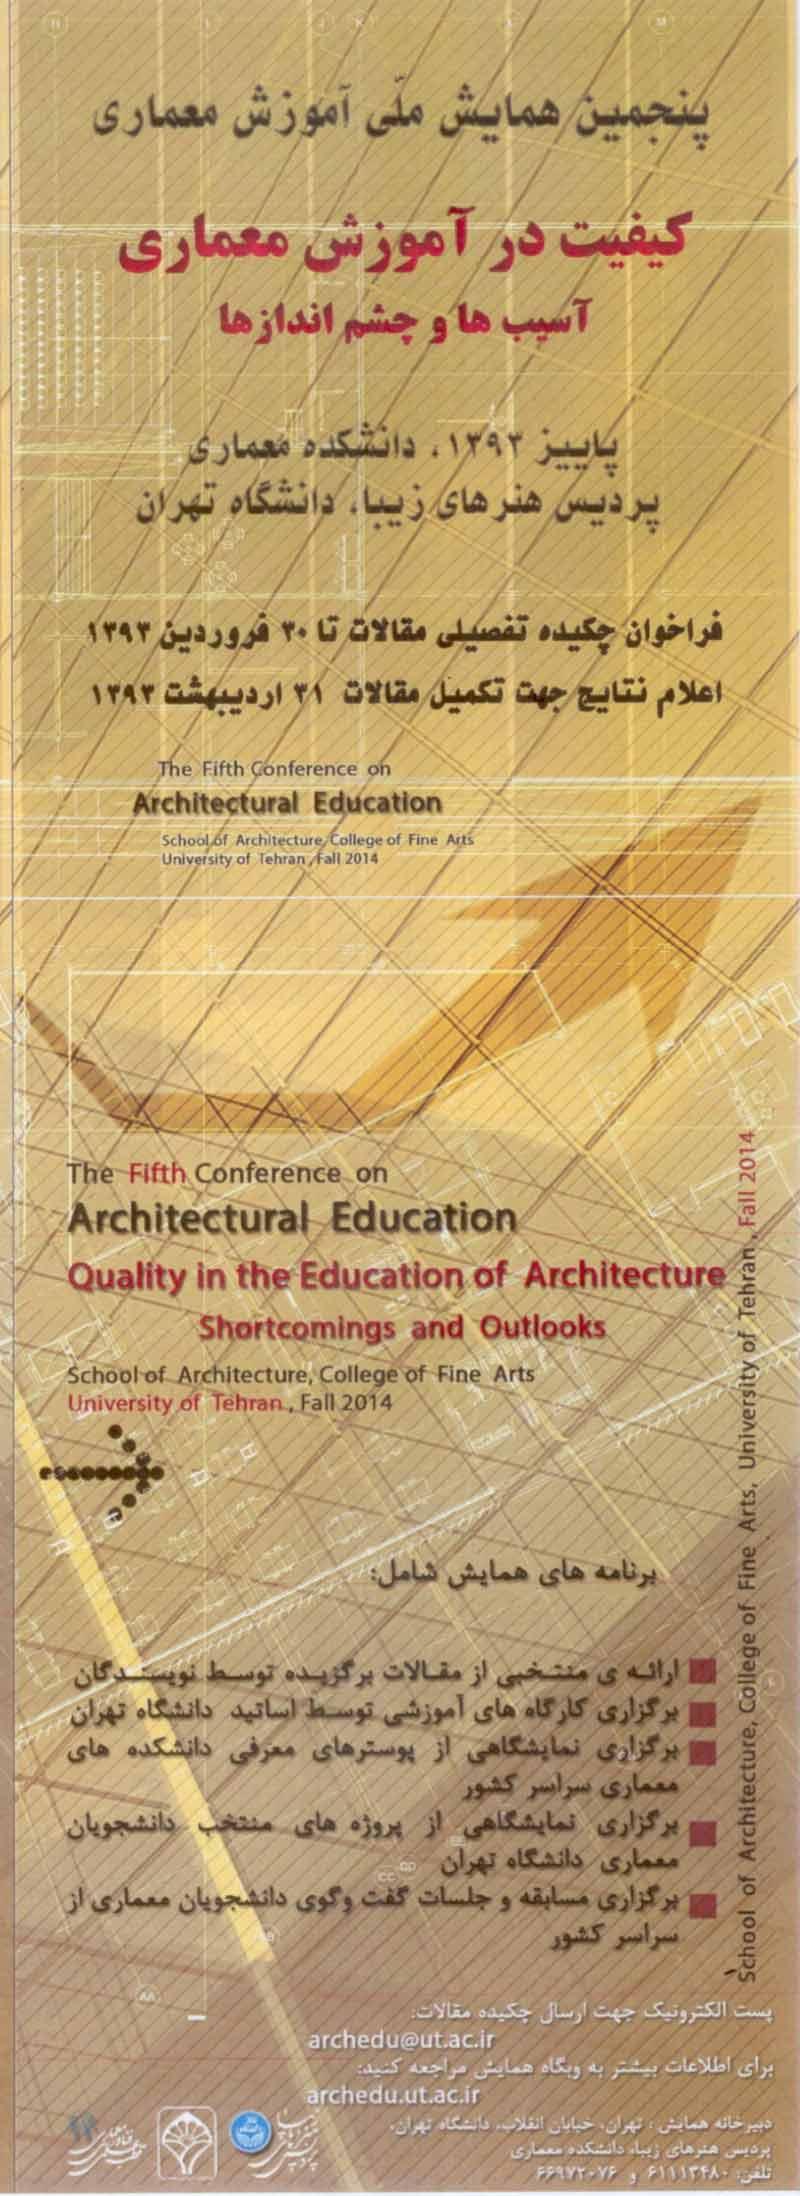 پنجمین همایش آموزش معماری